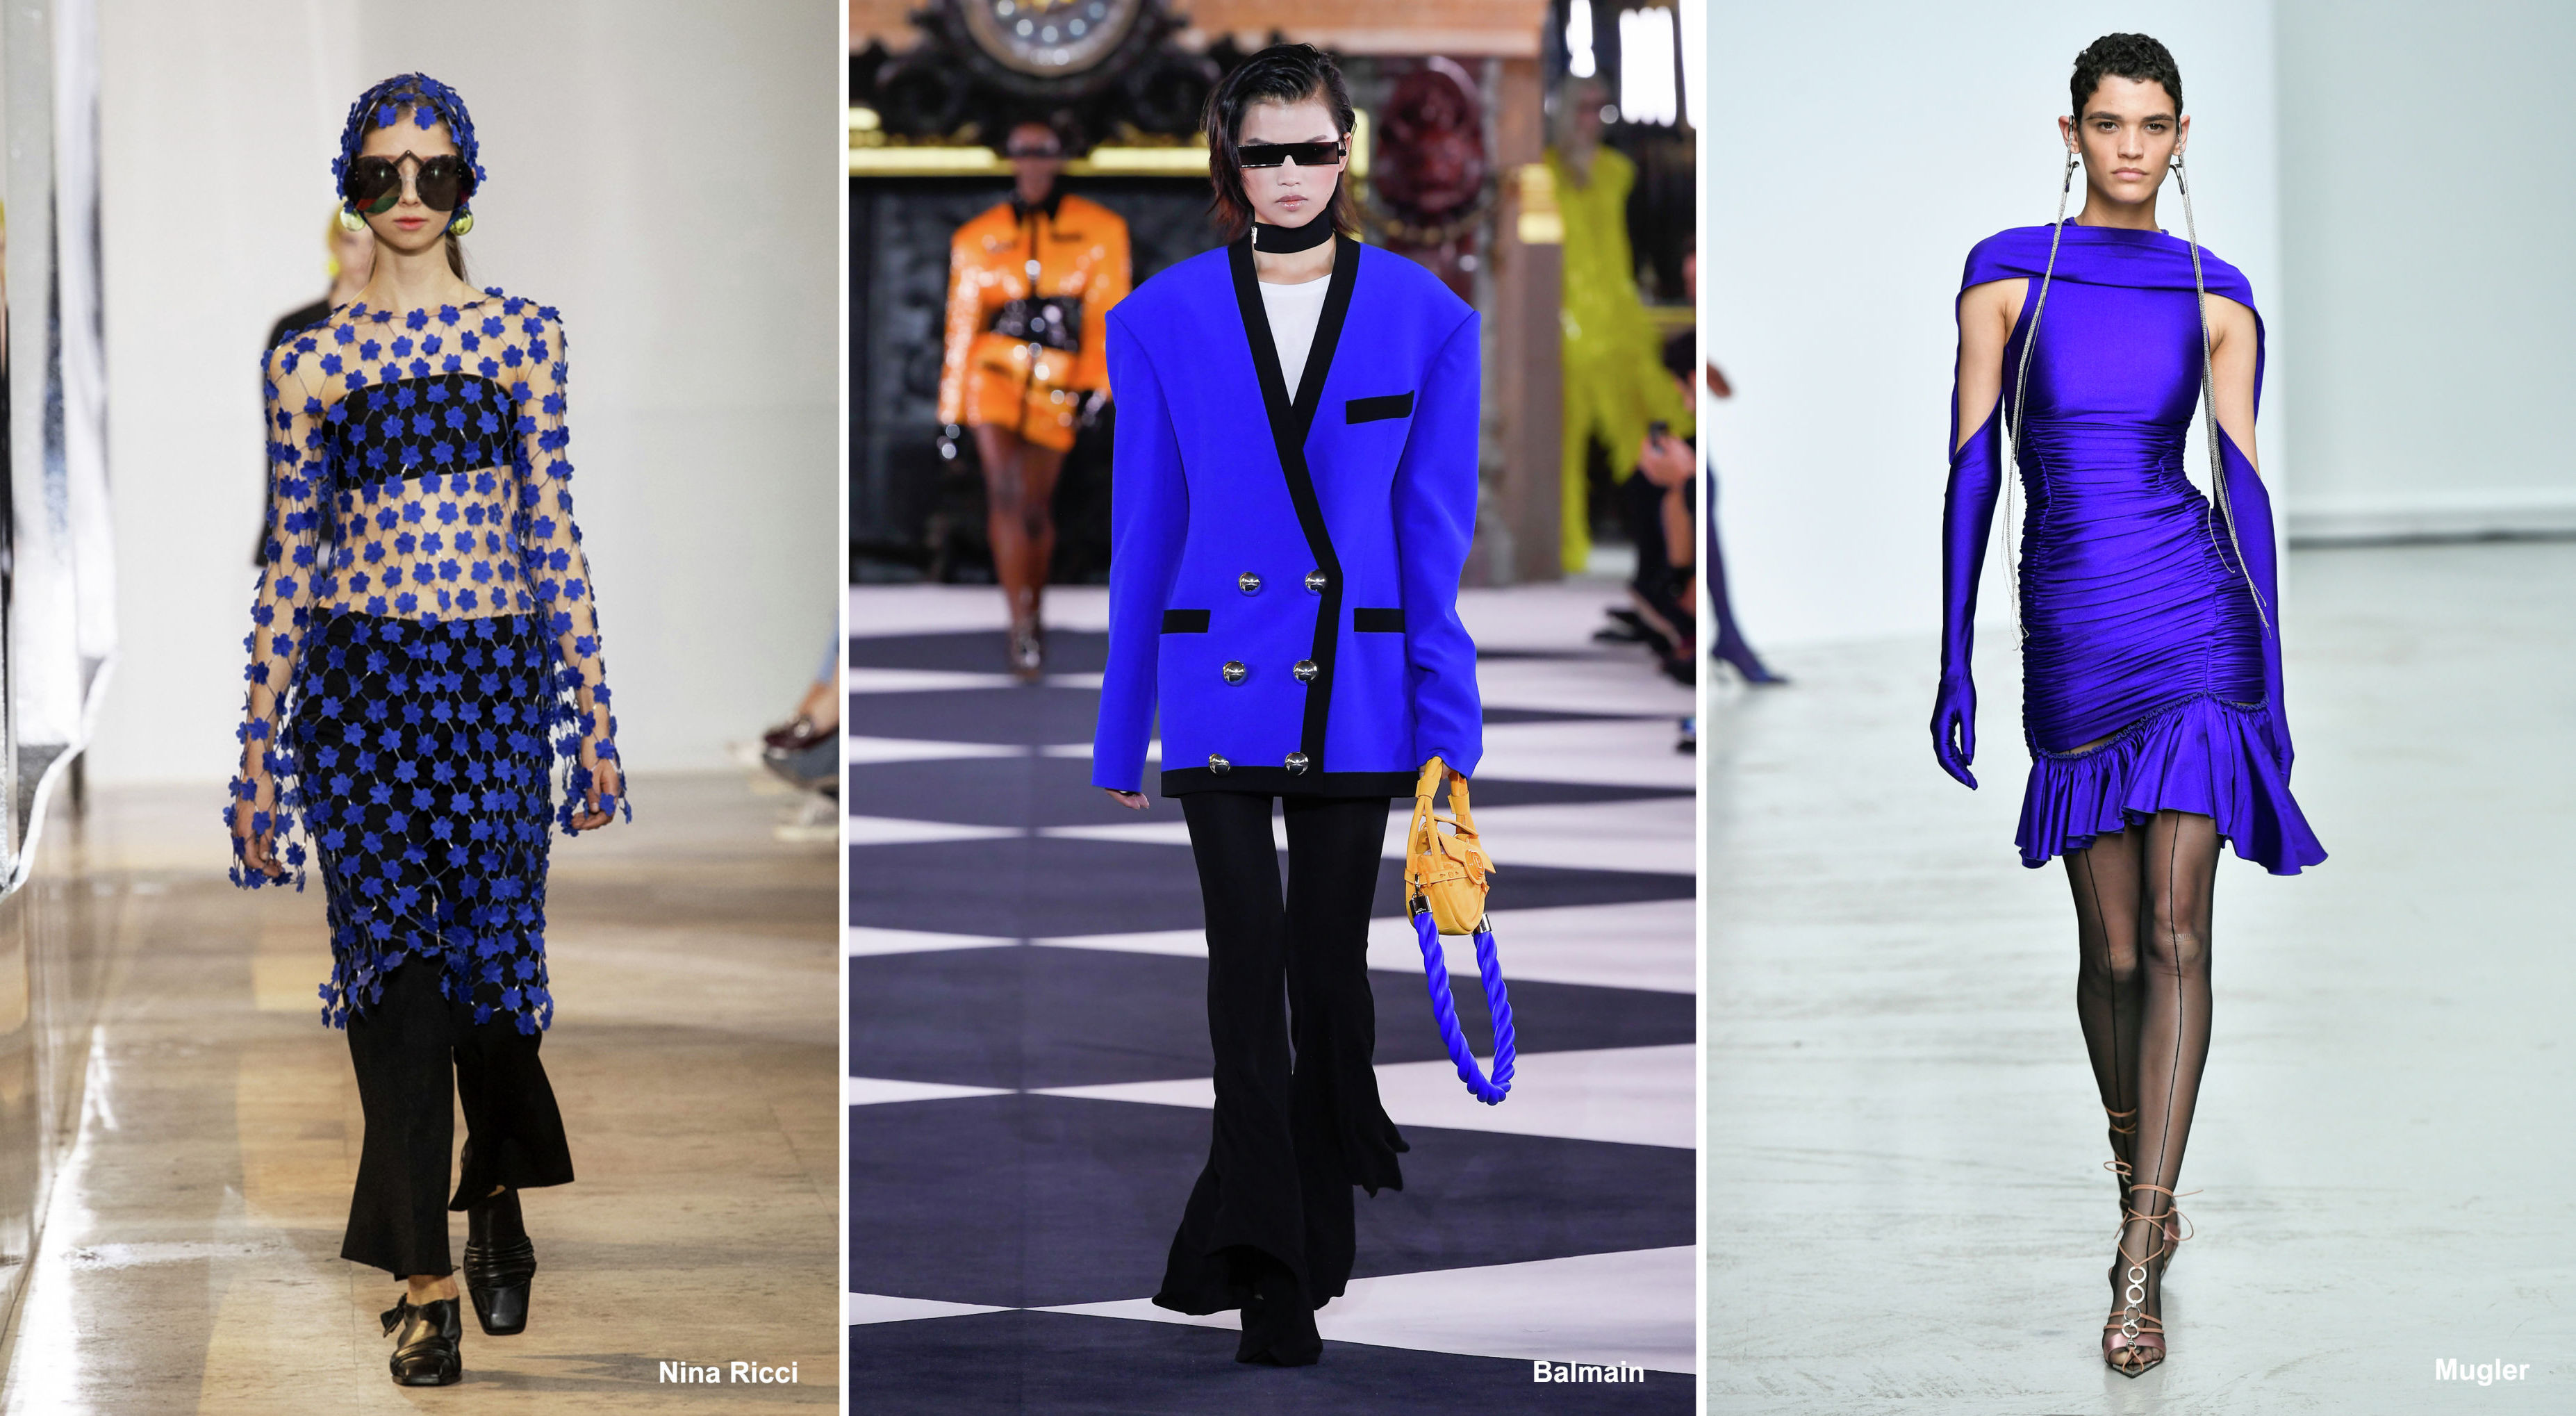 Оригинальный оттенок синего — International Klein Blue в коллекциях Nina Ricci, Balmain, Mugler весна-лето – 2020